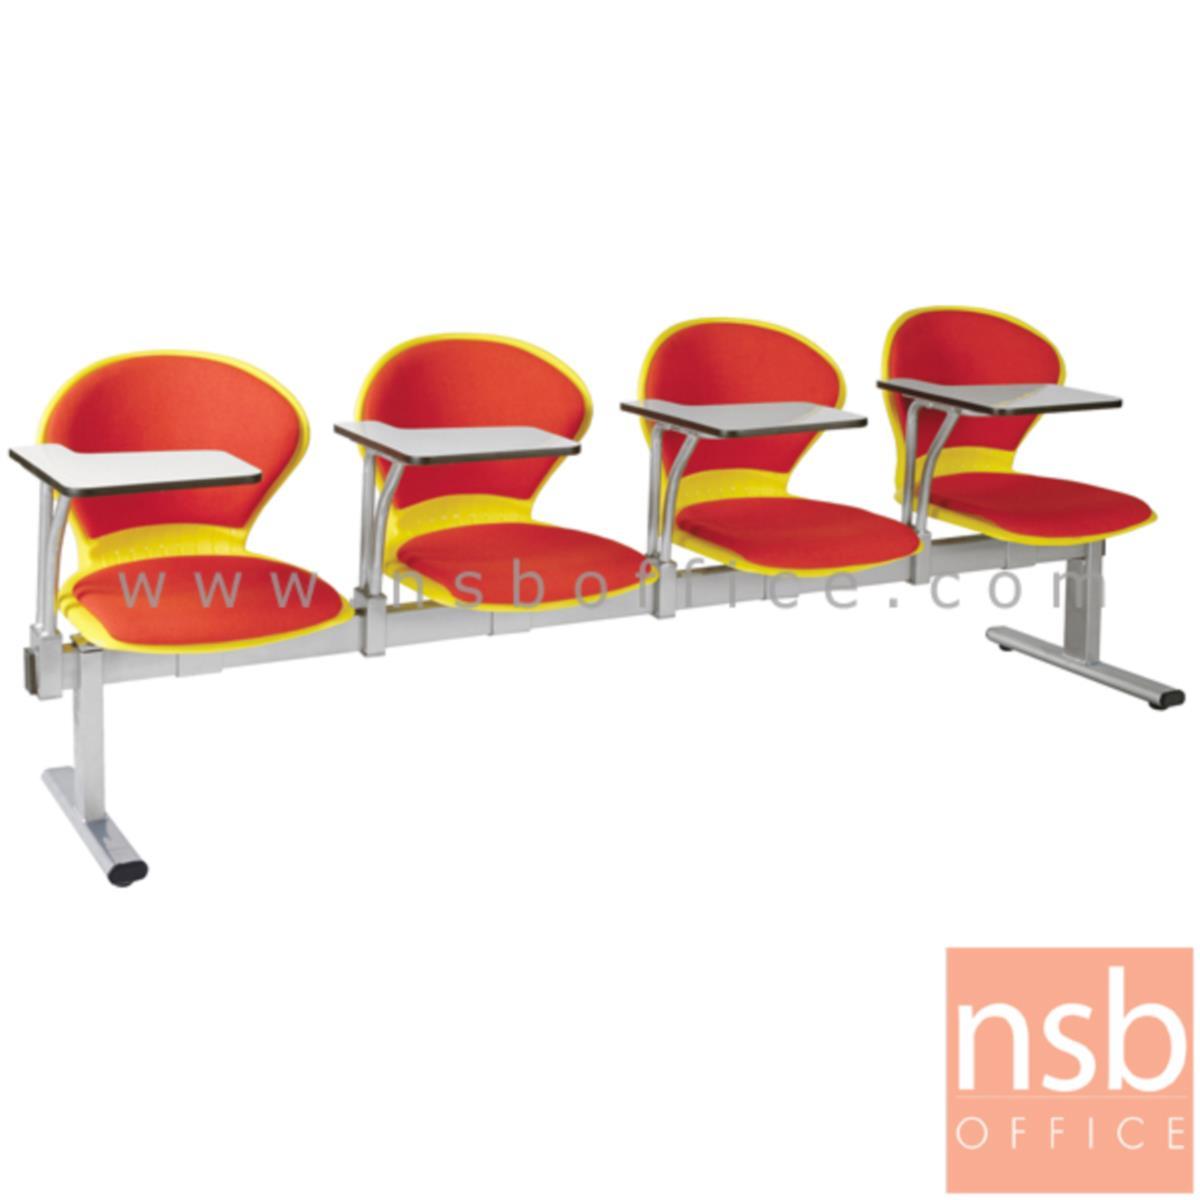 เก้าอี้เลคเชอร์แถวเฟรมโพลี่หุ้มเบาะ รุ่น D476 2 ,3 และ 4 ที่นั่ง ขาเหล็กพ่นสีเทา